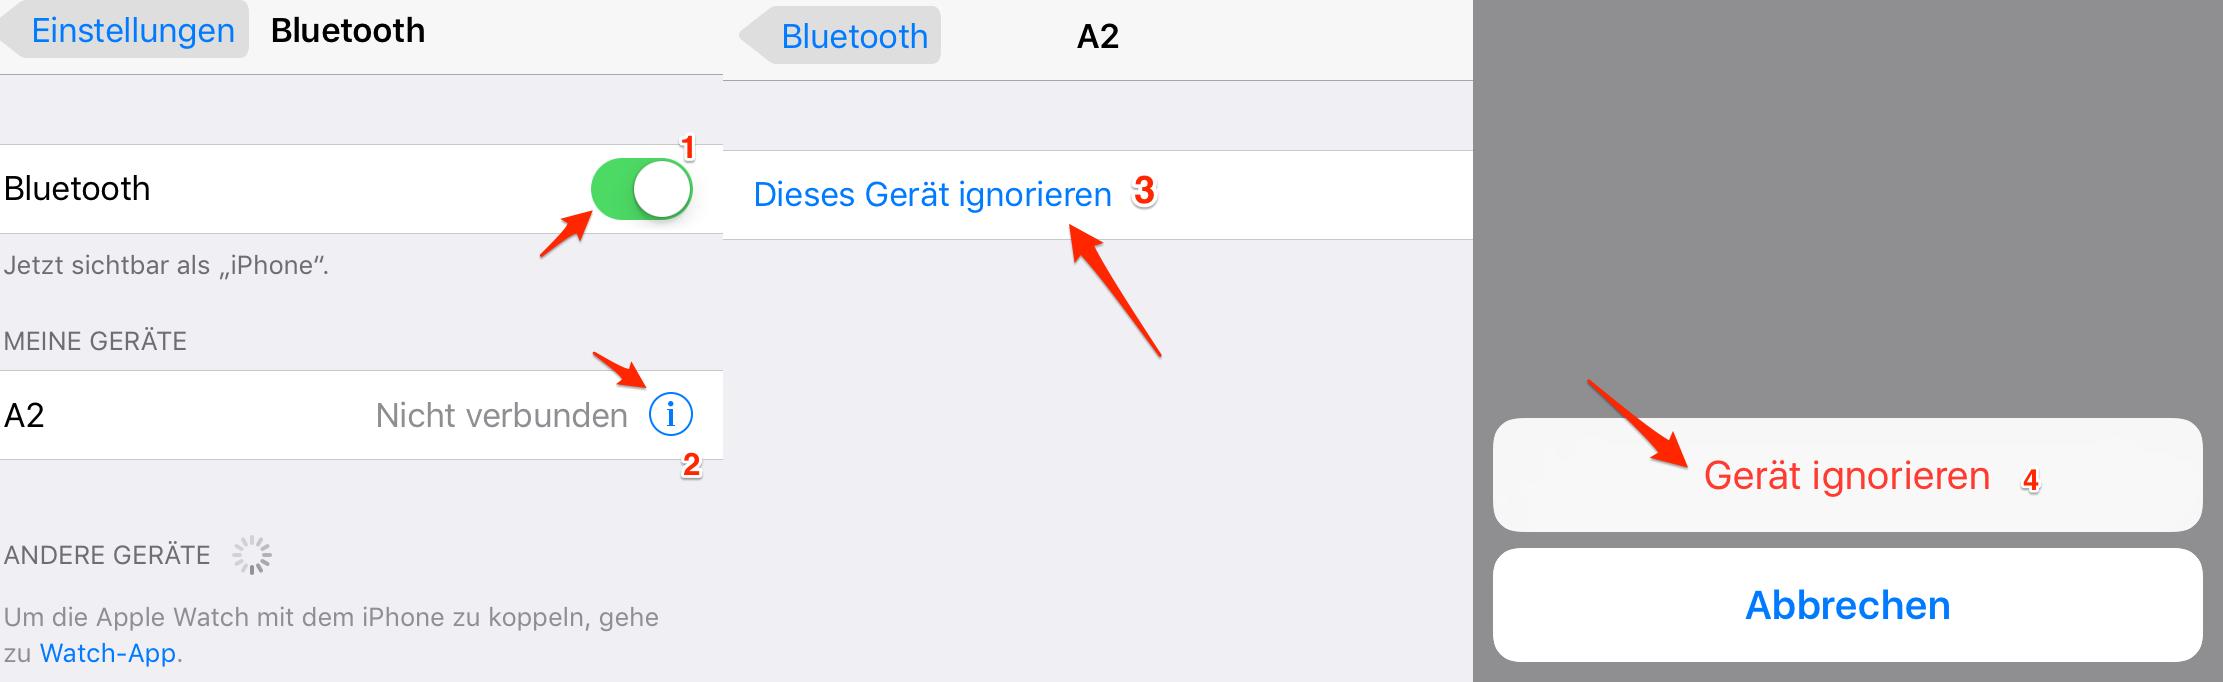 iOS 14 Probleme, Bugs – Bluetooth Probleme fixieren